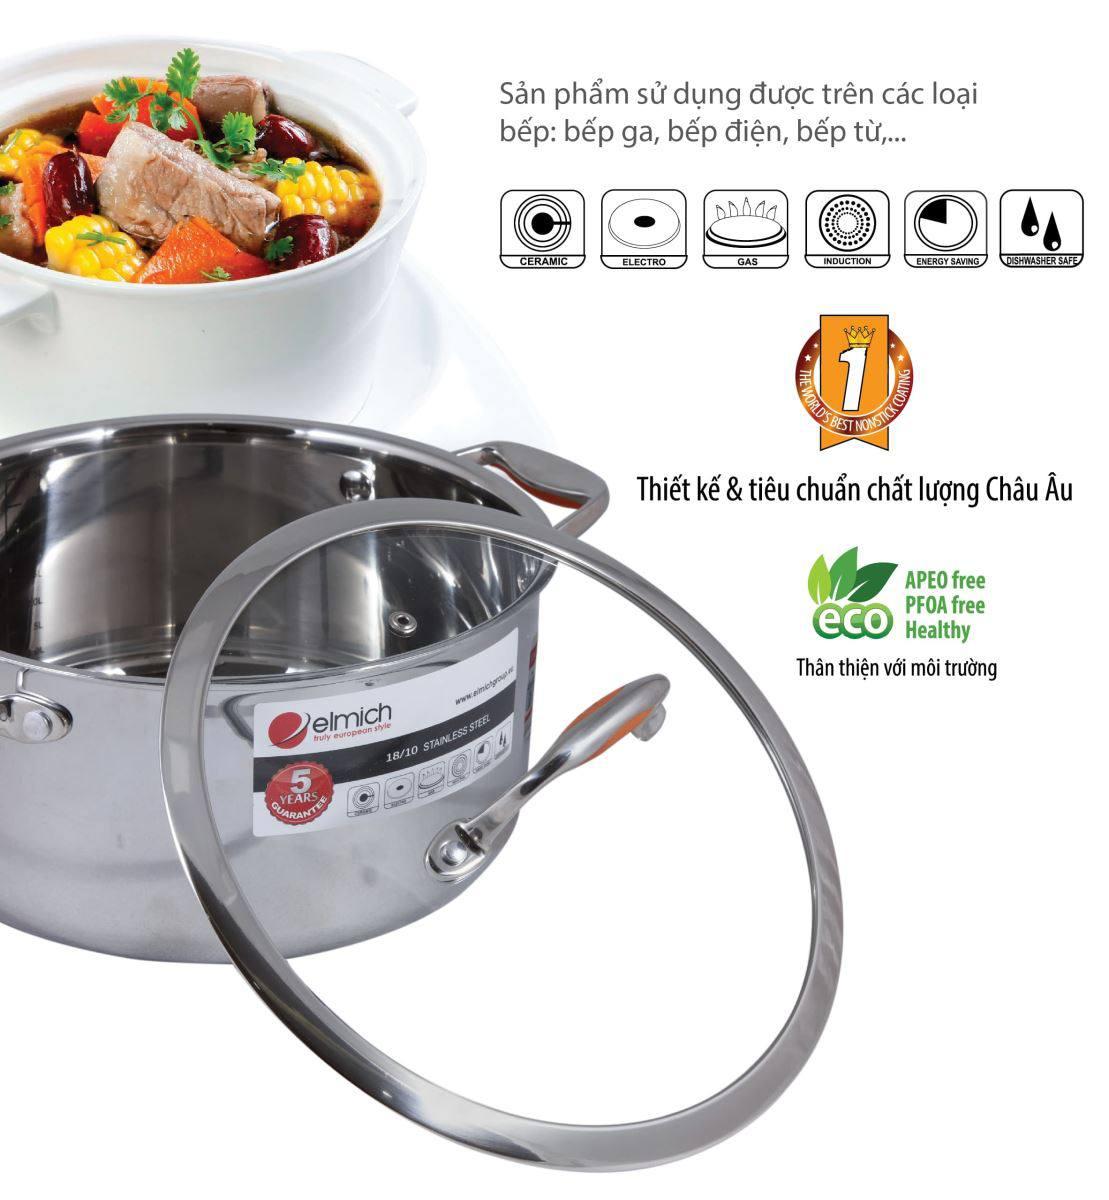 Bộ nồi inox Elmich Matador - EL0123 sử dụng chất liệu cao cấp an toàn cho sức khỏe